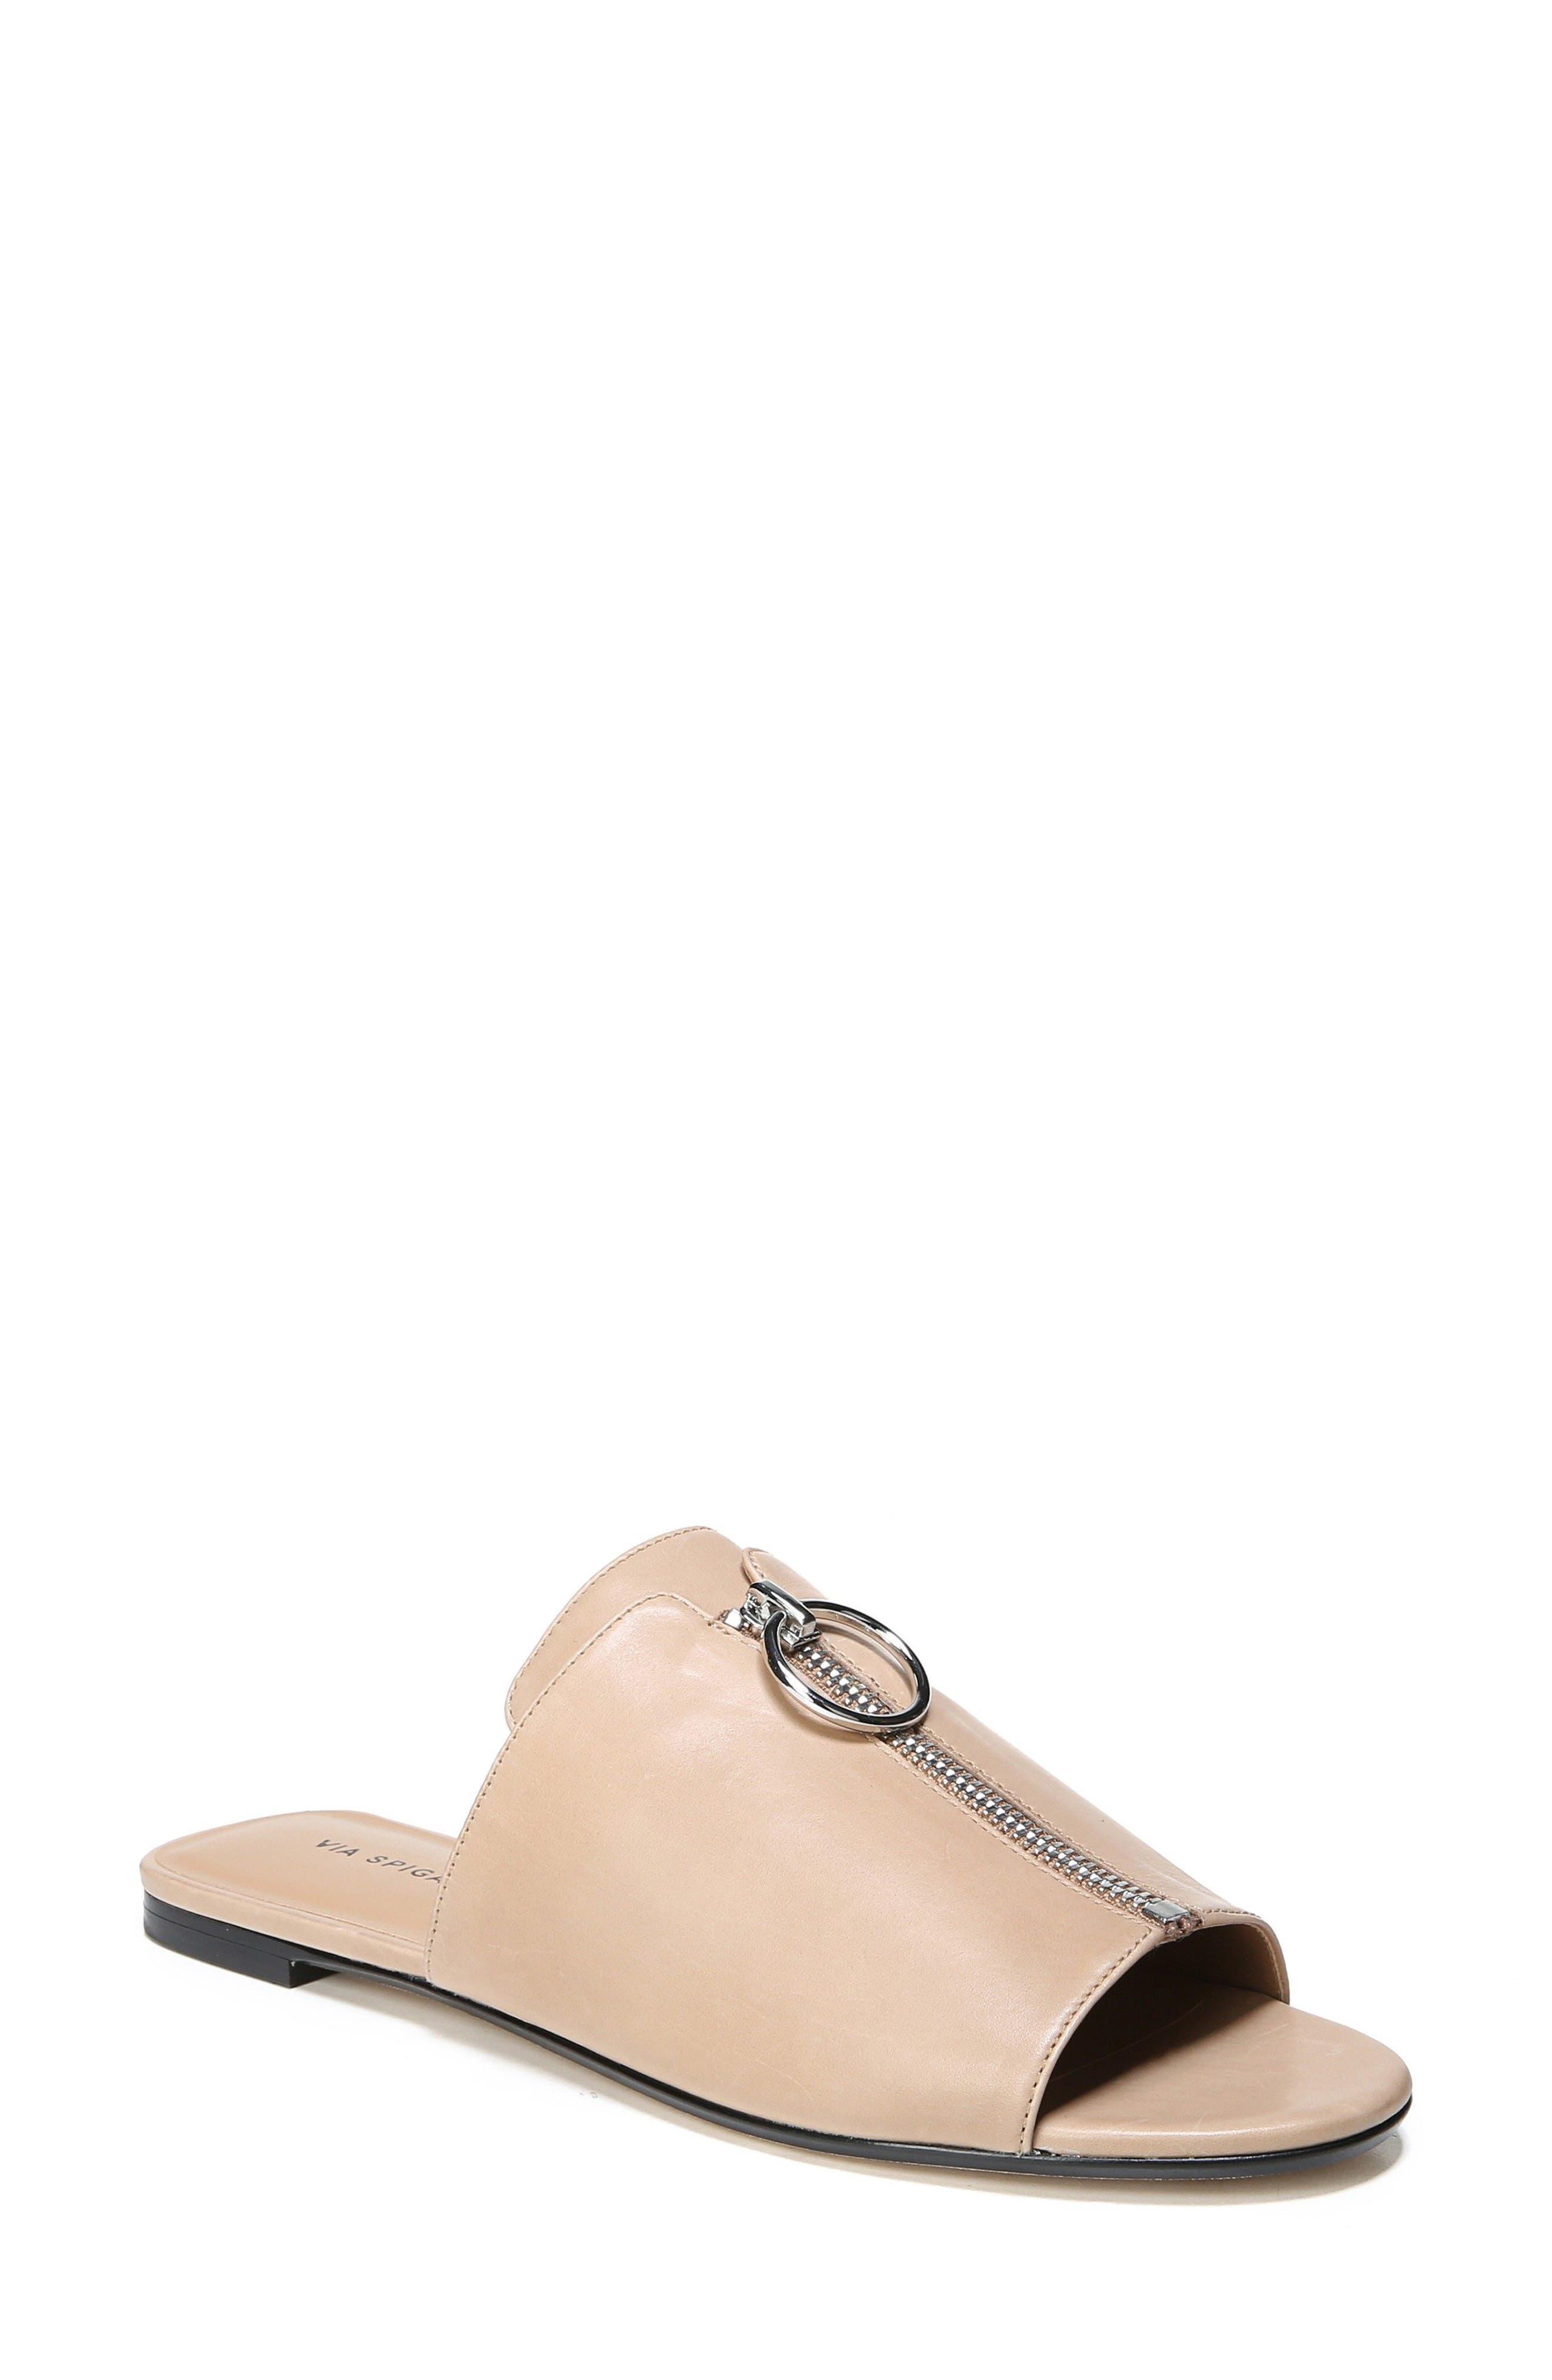 Hope Slide Sandal,                             Main thumbnail 1, color,                             Desert Leather